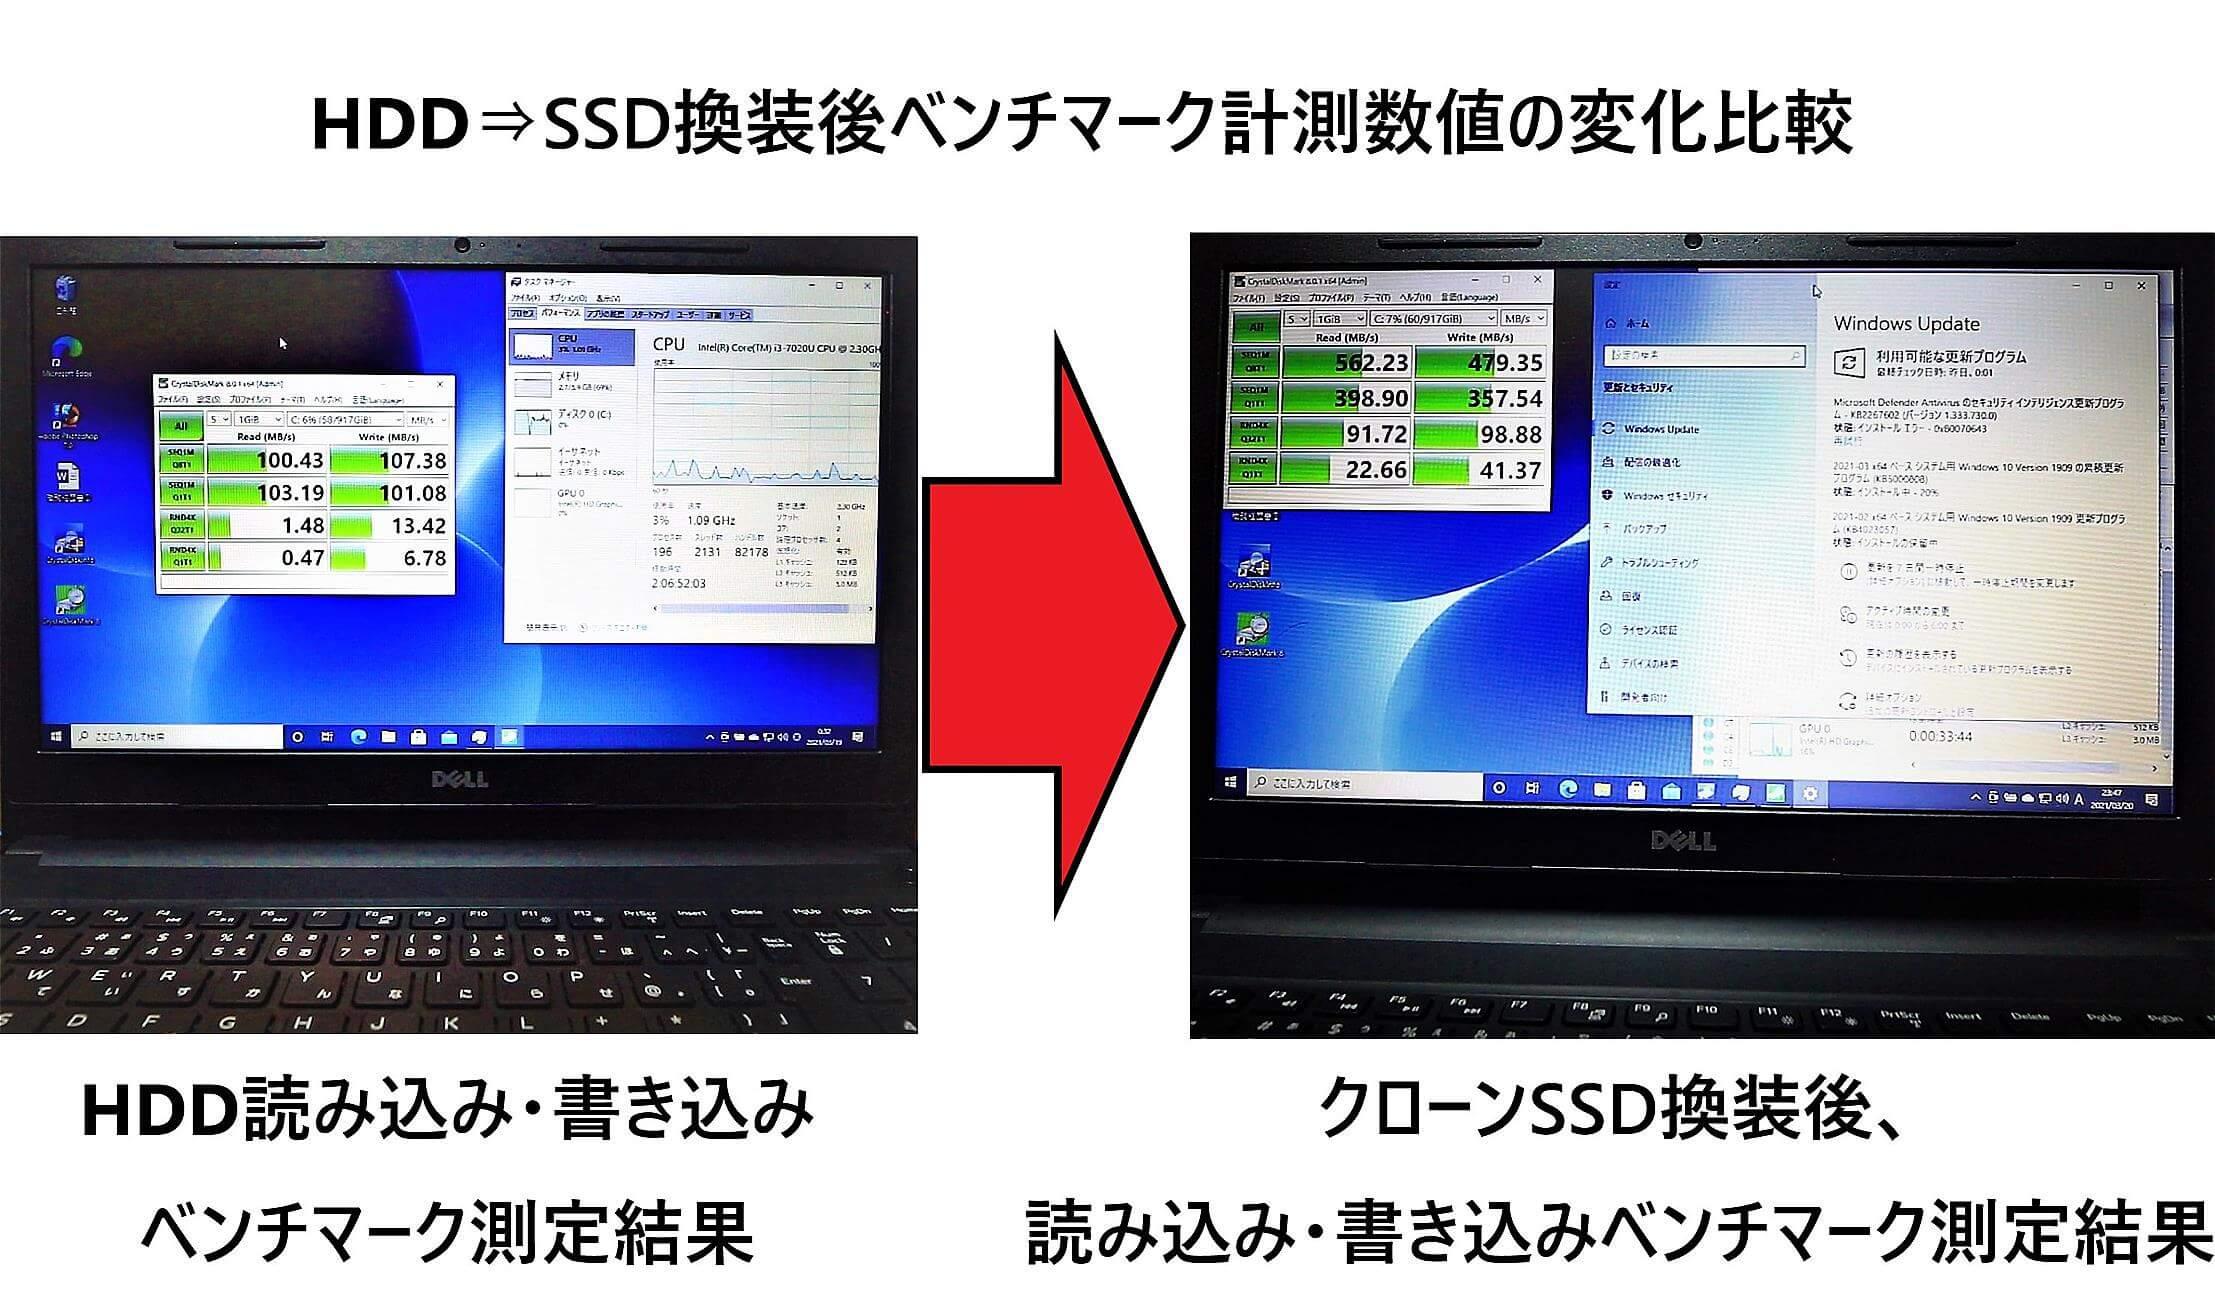 HDD⇒SSD換装後ベンチマーク計測数値の変化